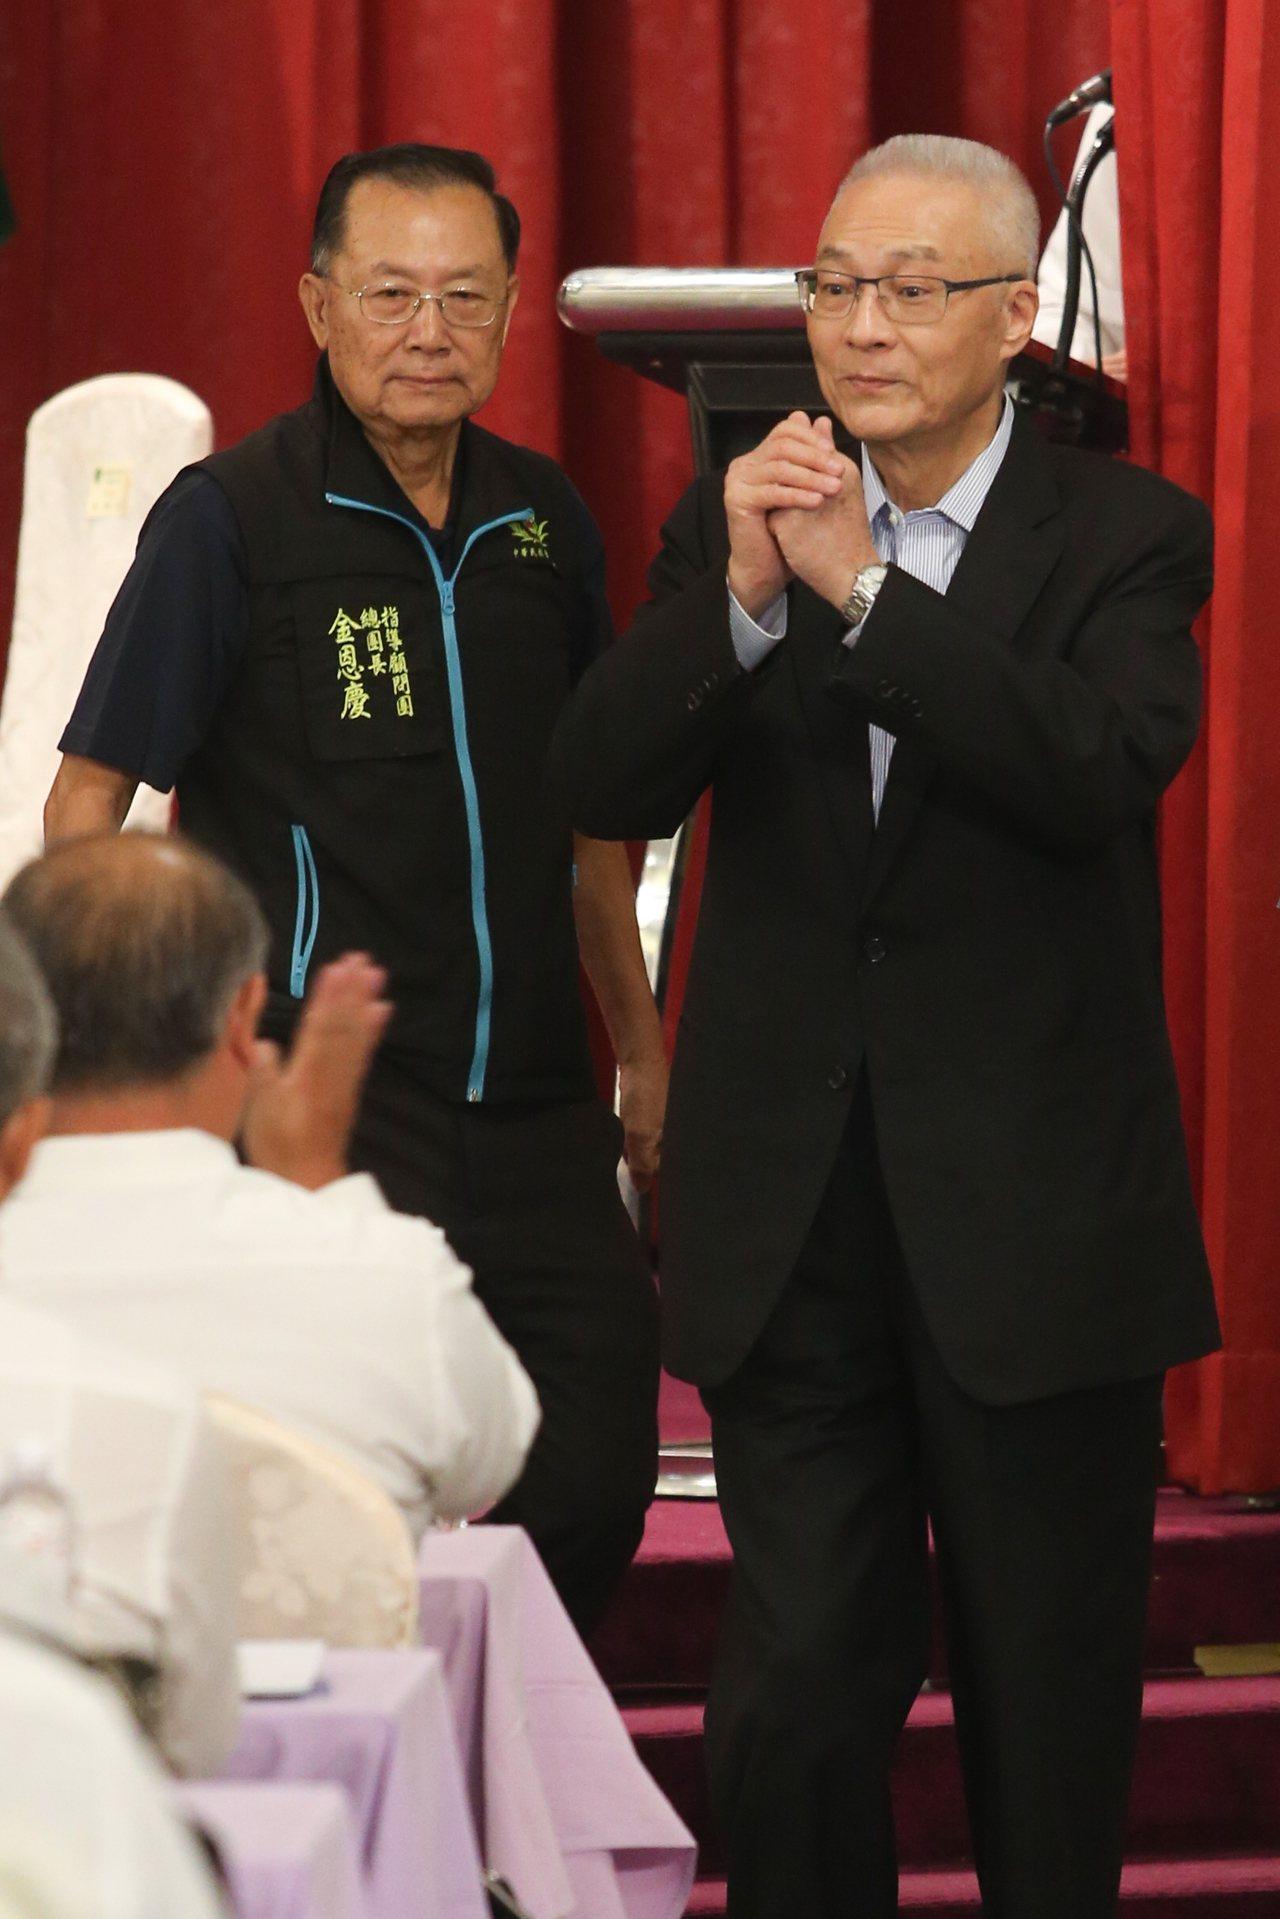 國民黨主席吳敦義出席青溪菁英教育研究院開訓典禮時表示,路上發佈這樣一個假消息,真...